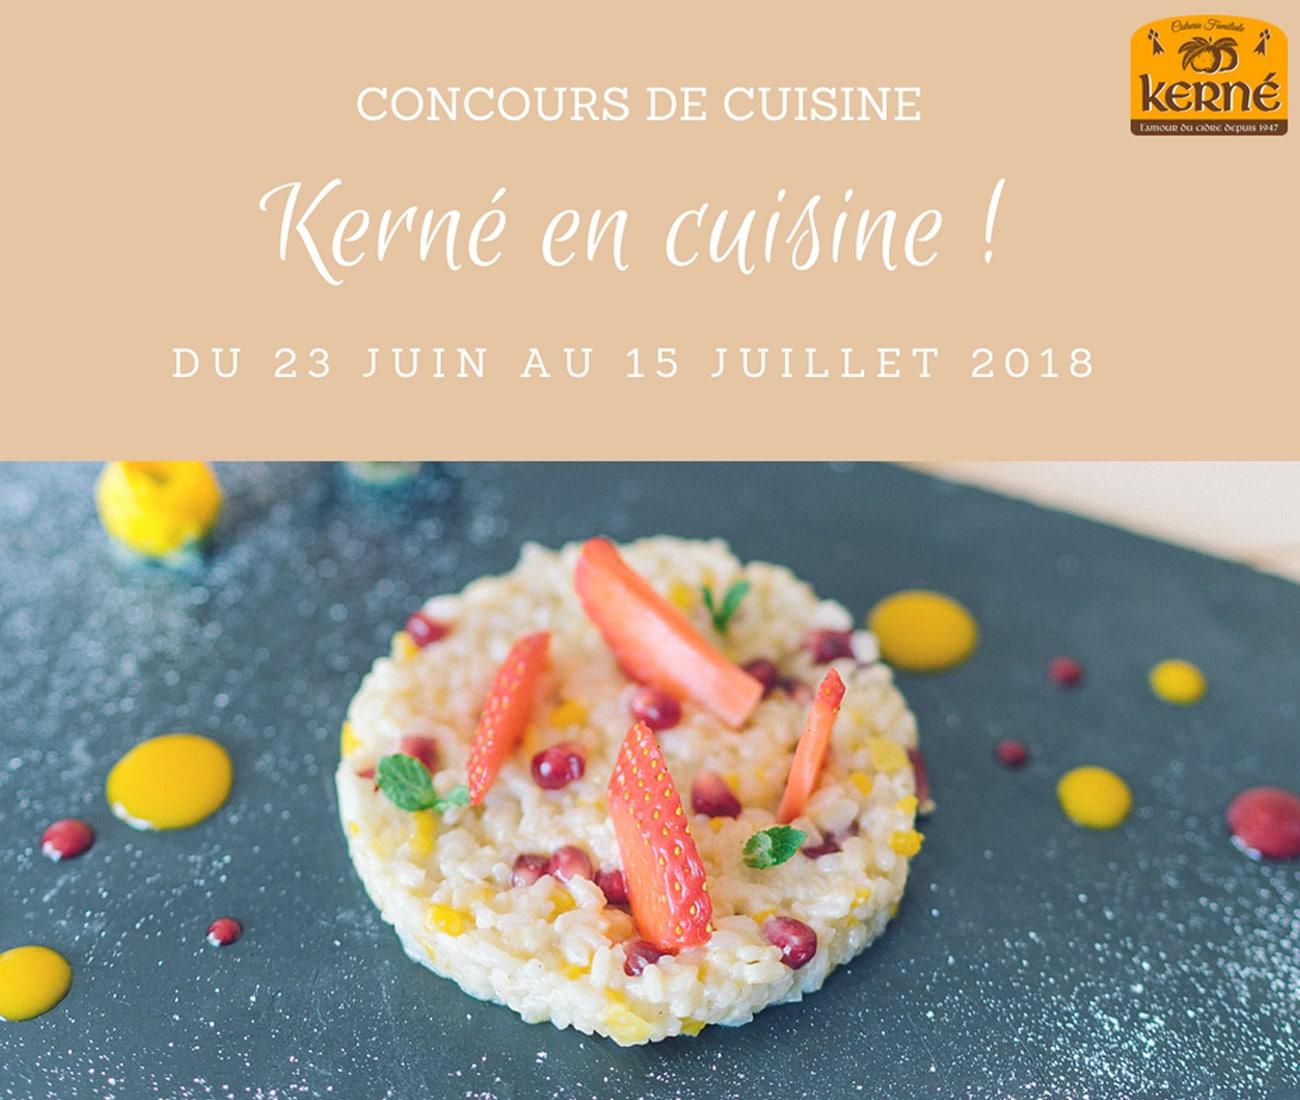 visuel_concours_de_cuisine